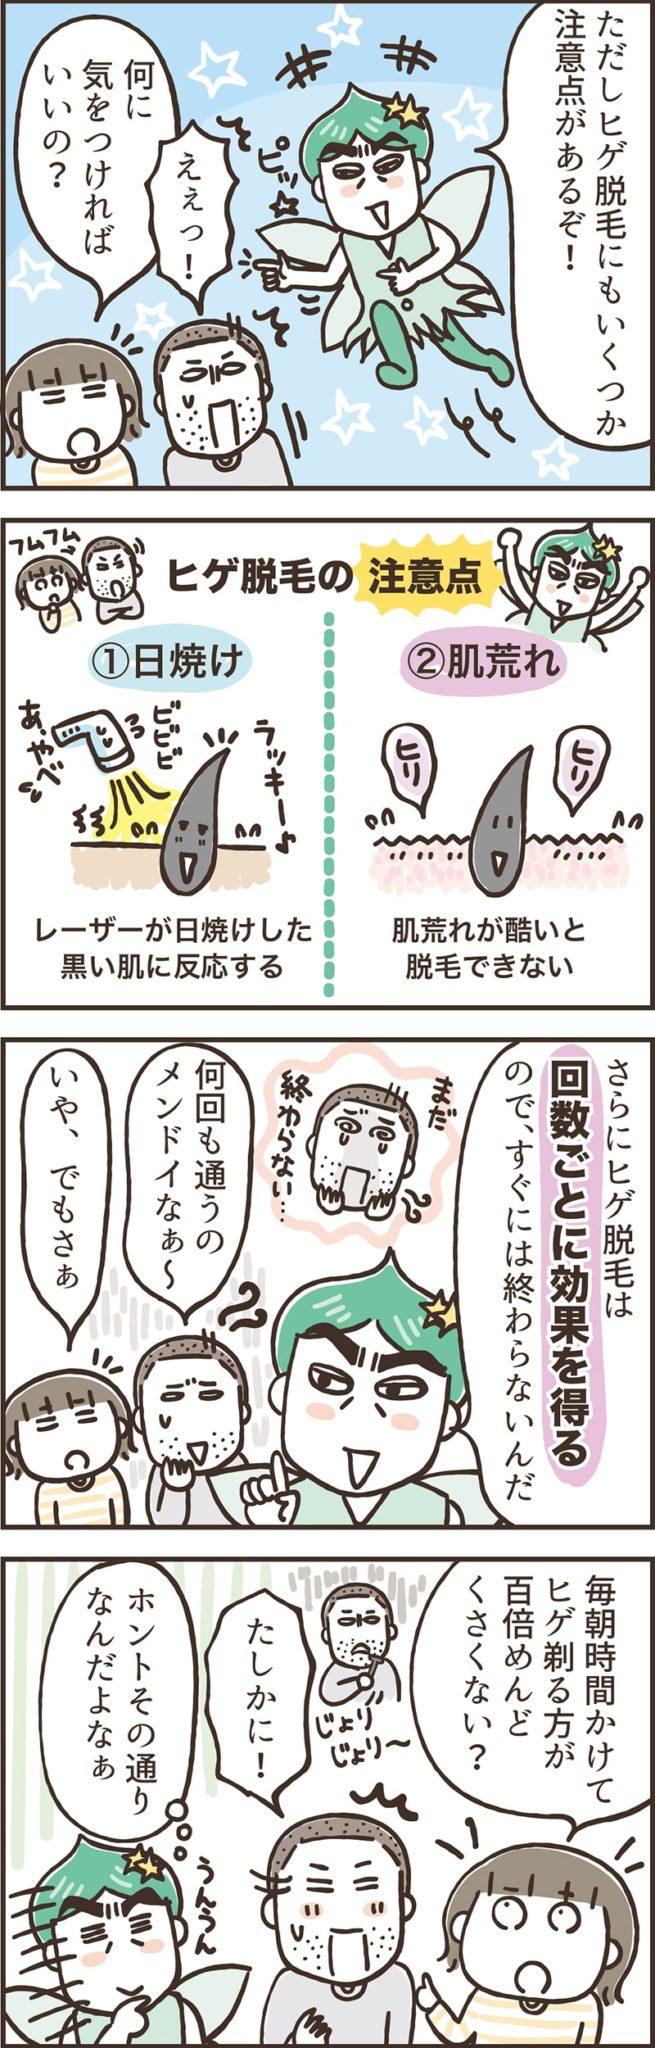 ヒゲ脱毛を4コマ漫画で解説「ヒゲ脱毛の注意点」